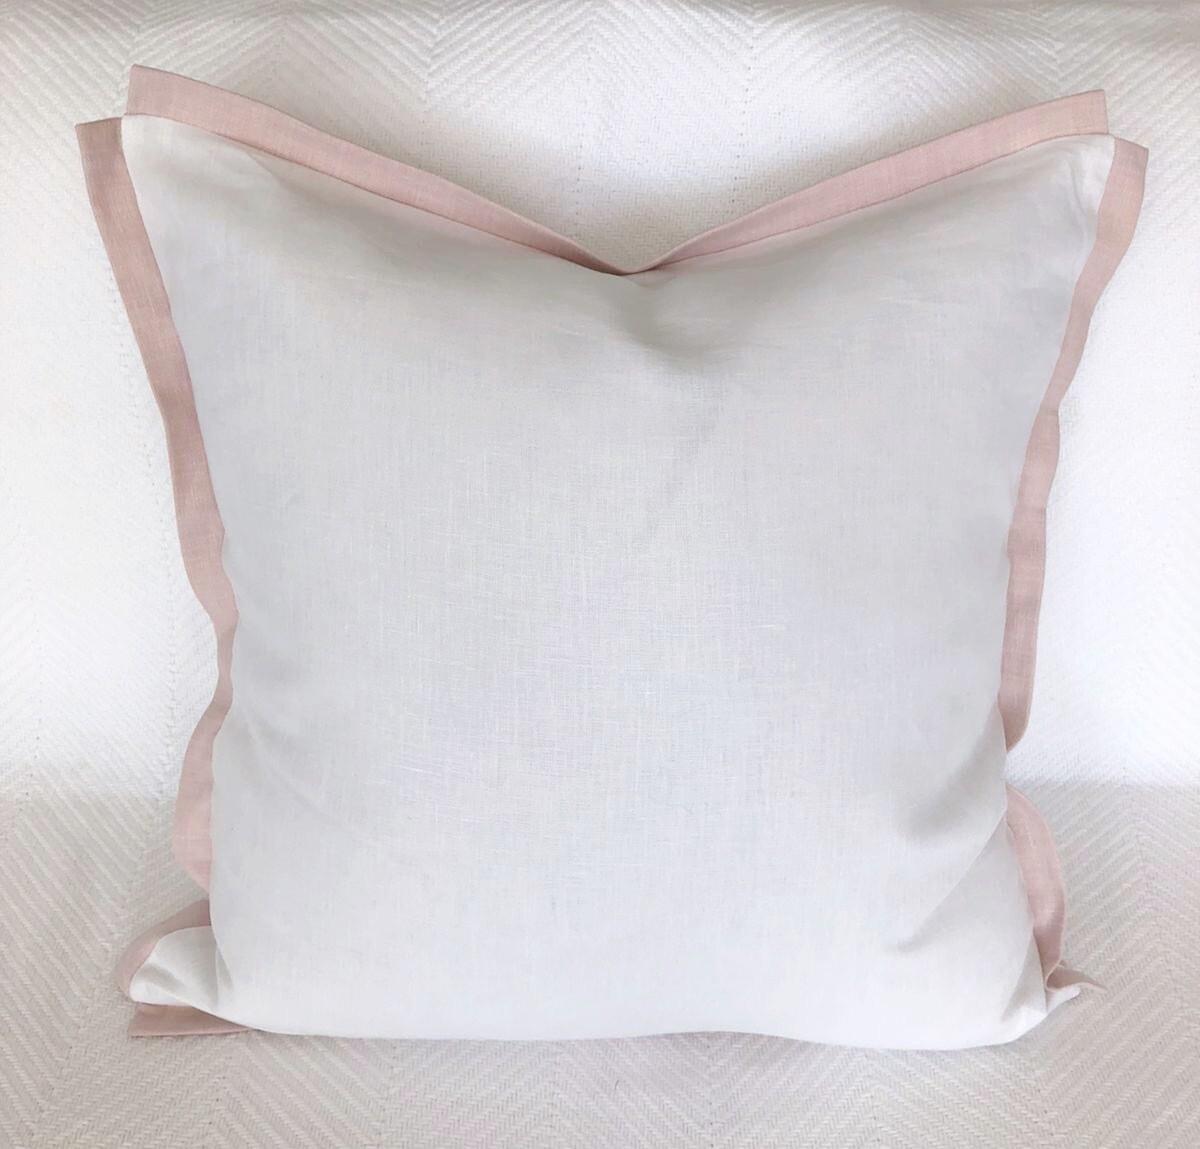 Linda Lane Pillow